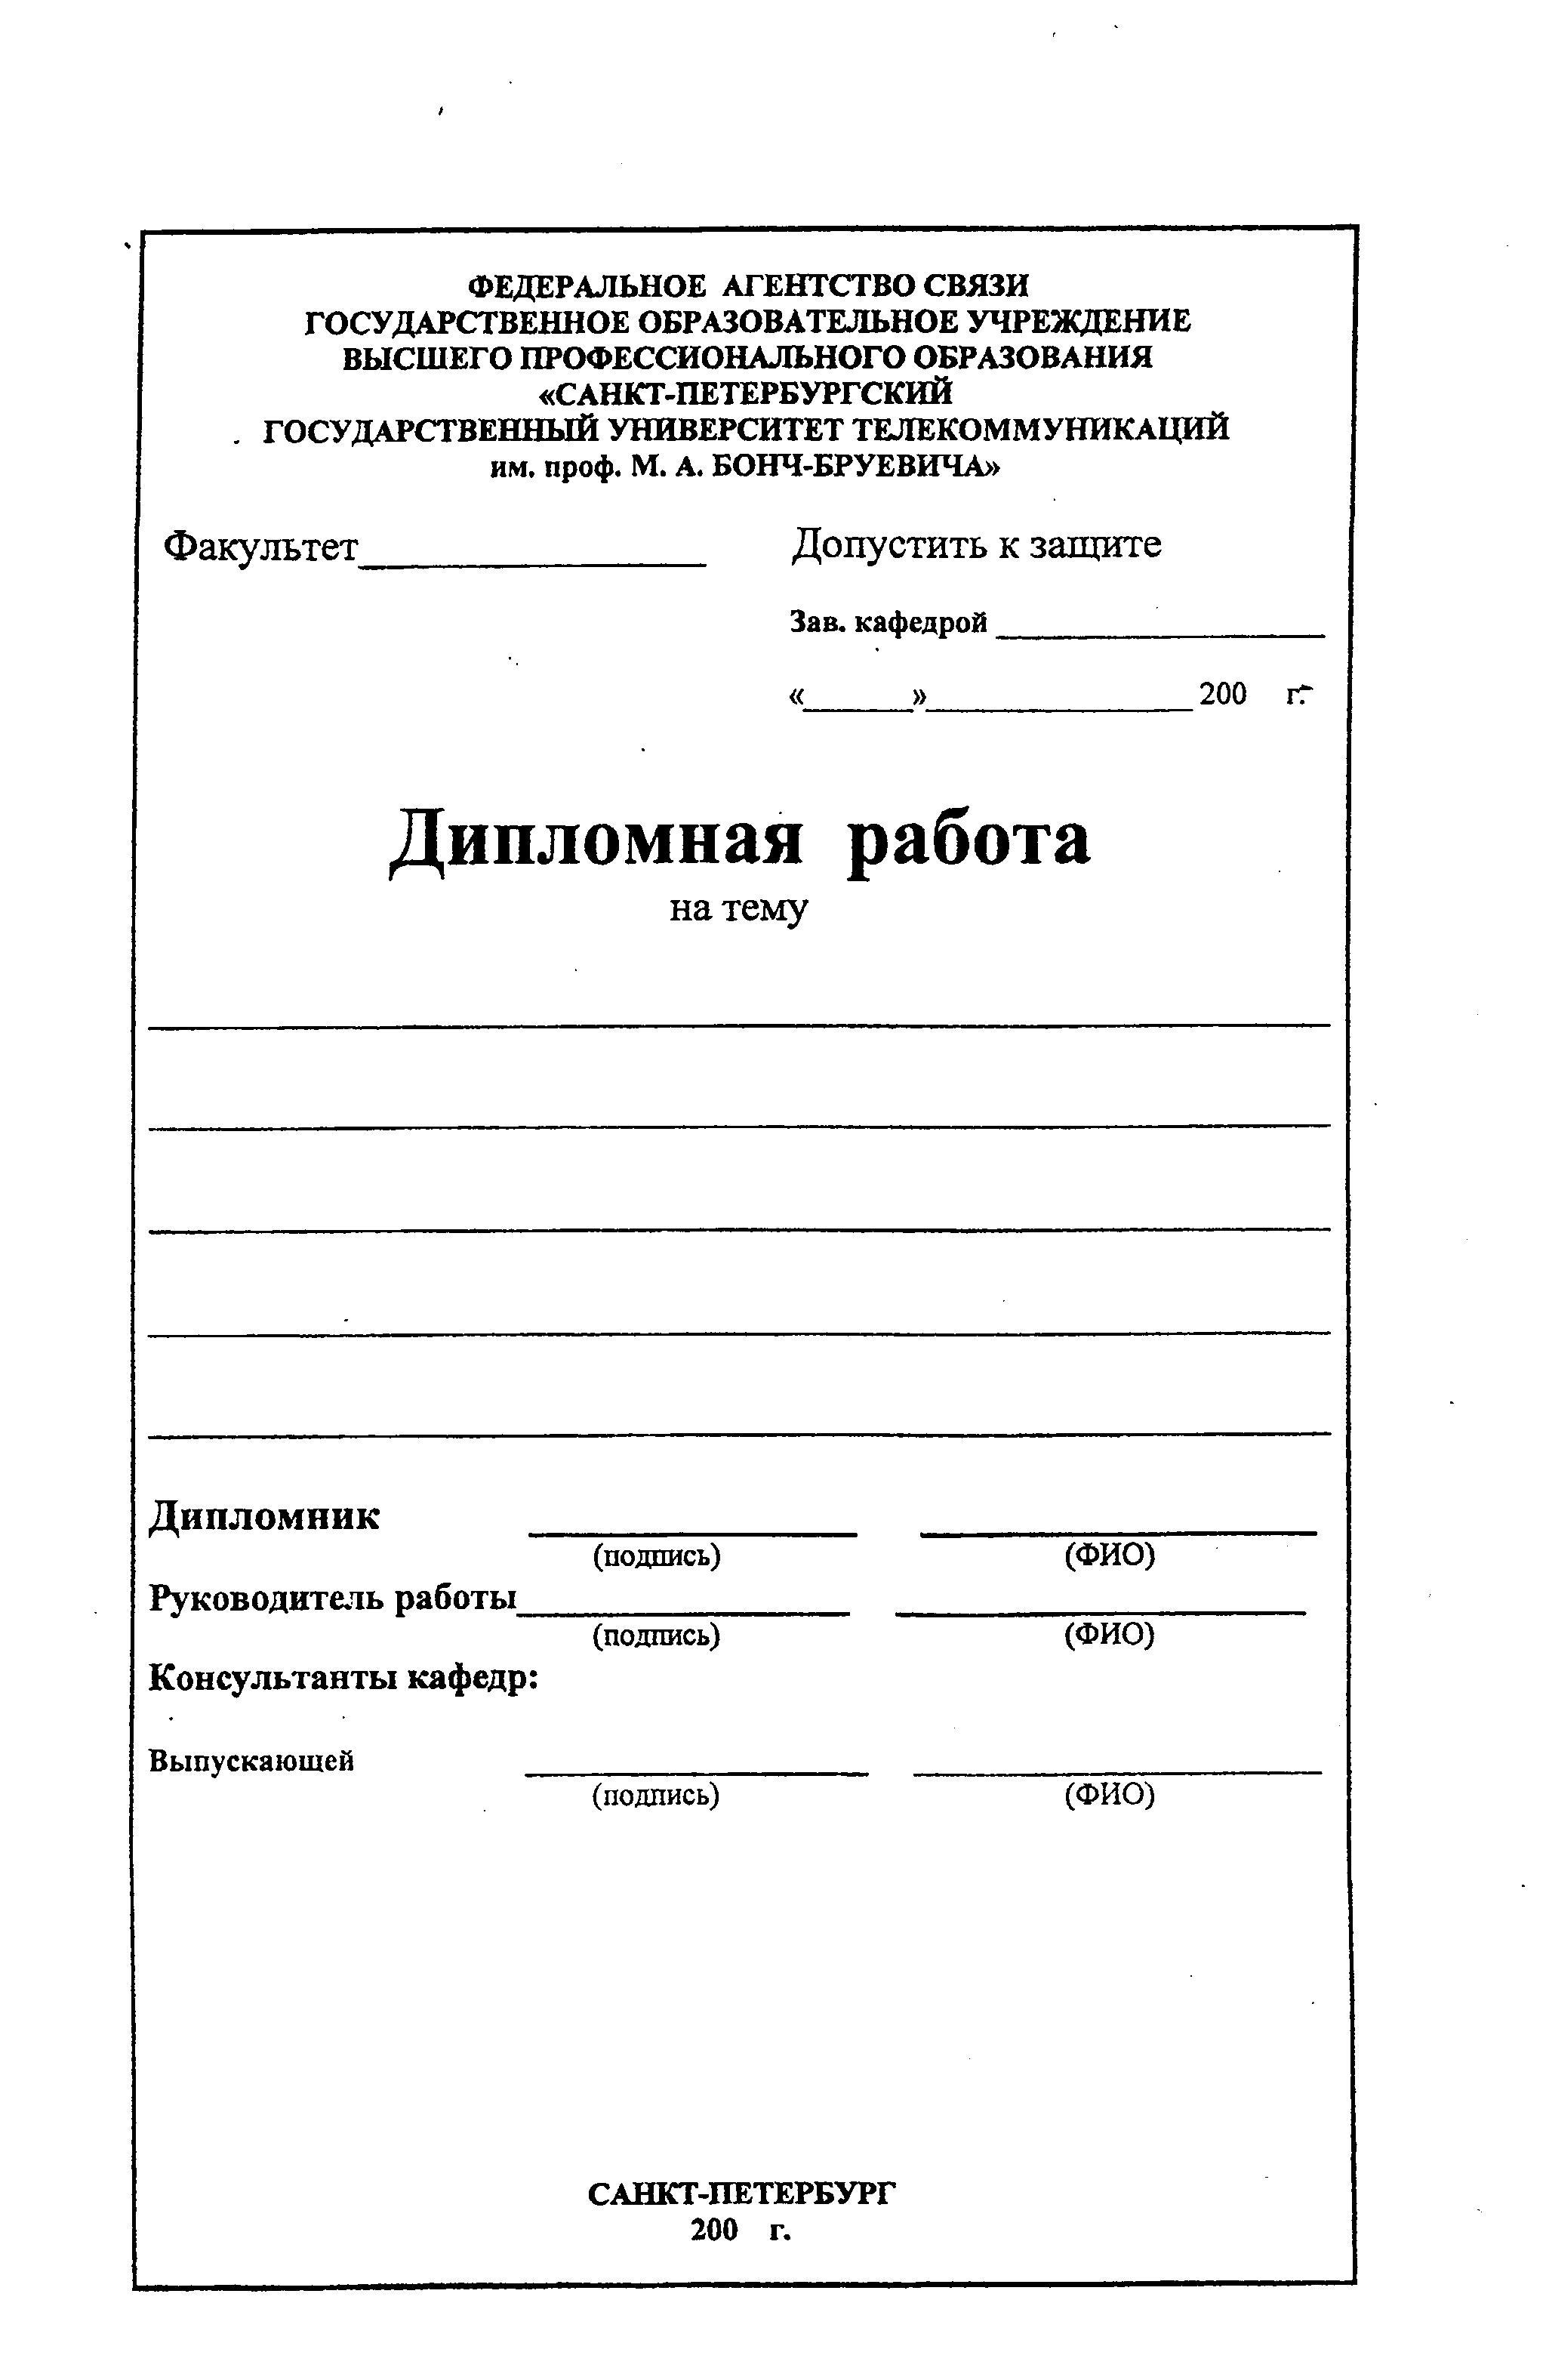 Написание диплома по гост хочу заказать диплом у преподавателя в подольске